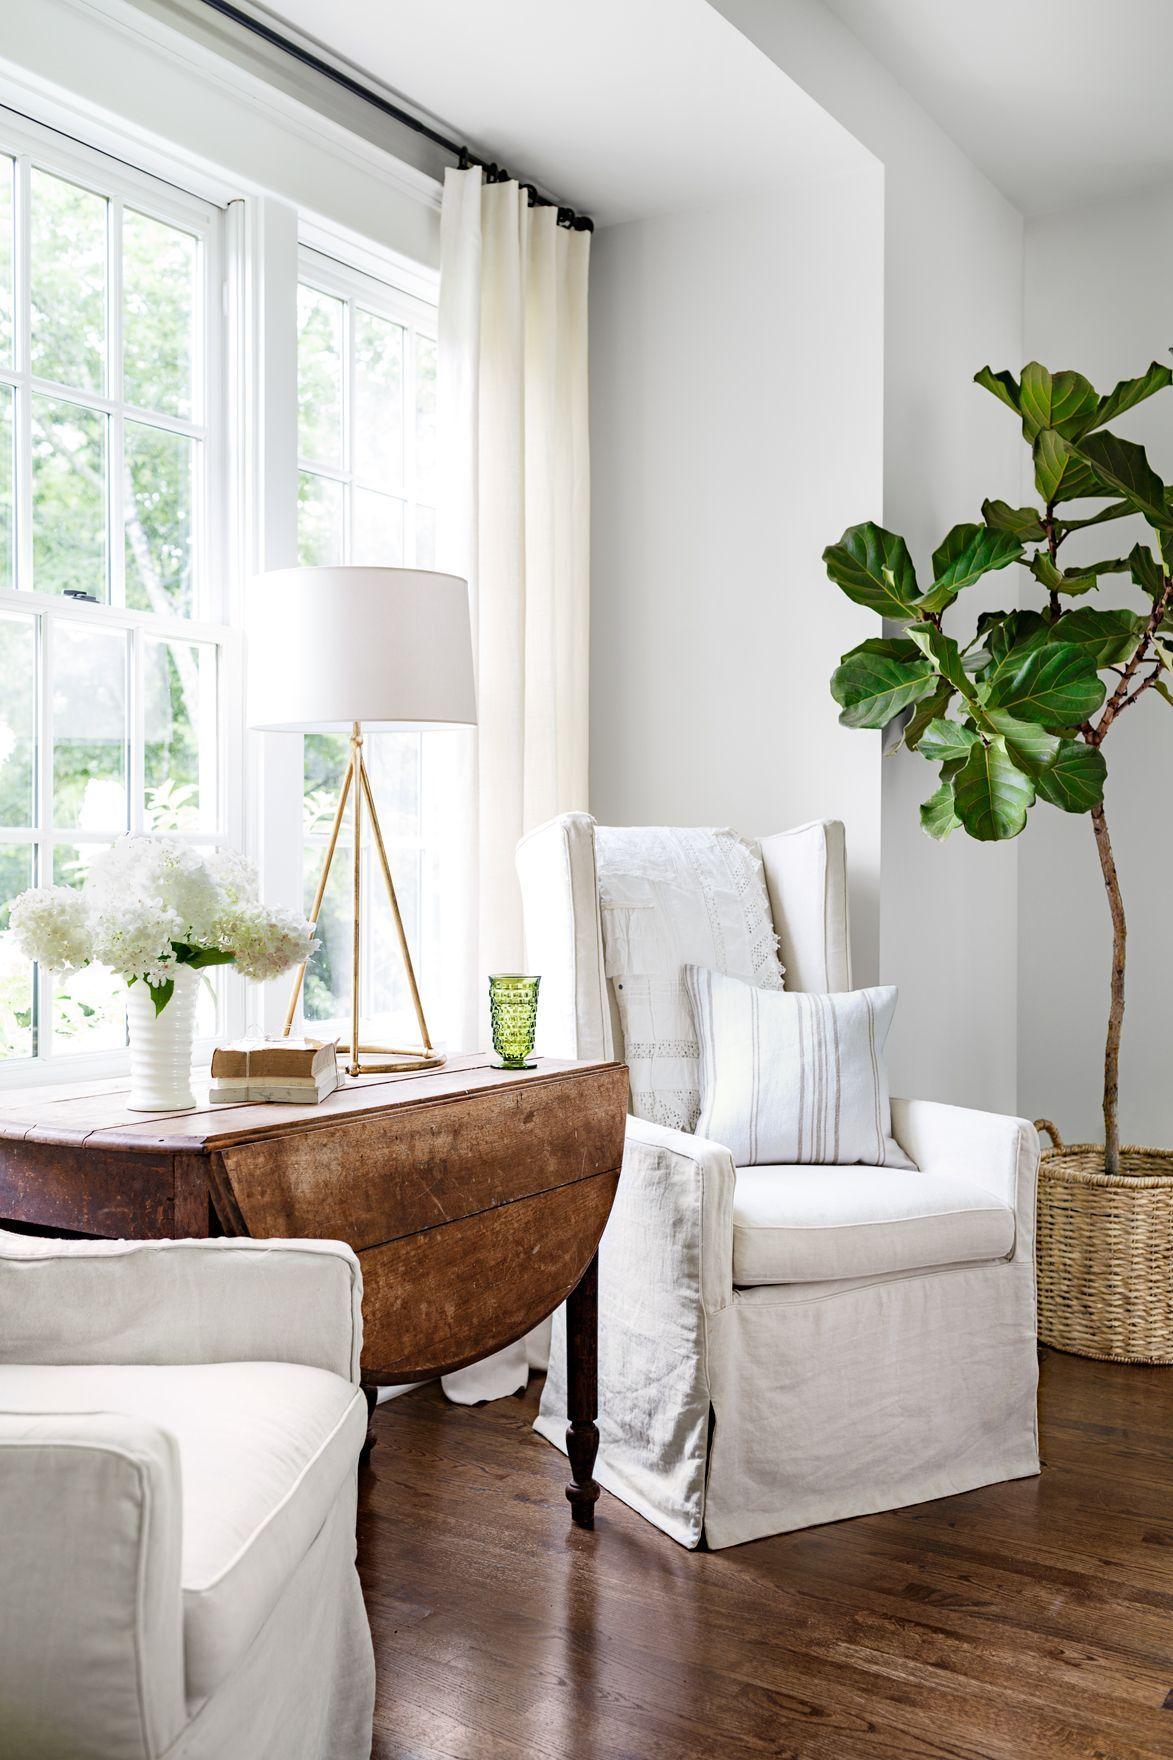 Ý tưởng điểm tô phòng khách cực xinh nhờ trang trí khung cửa sổ - Ảnh 6.